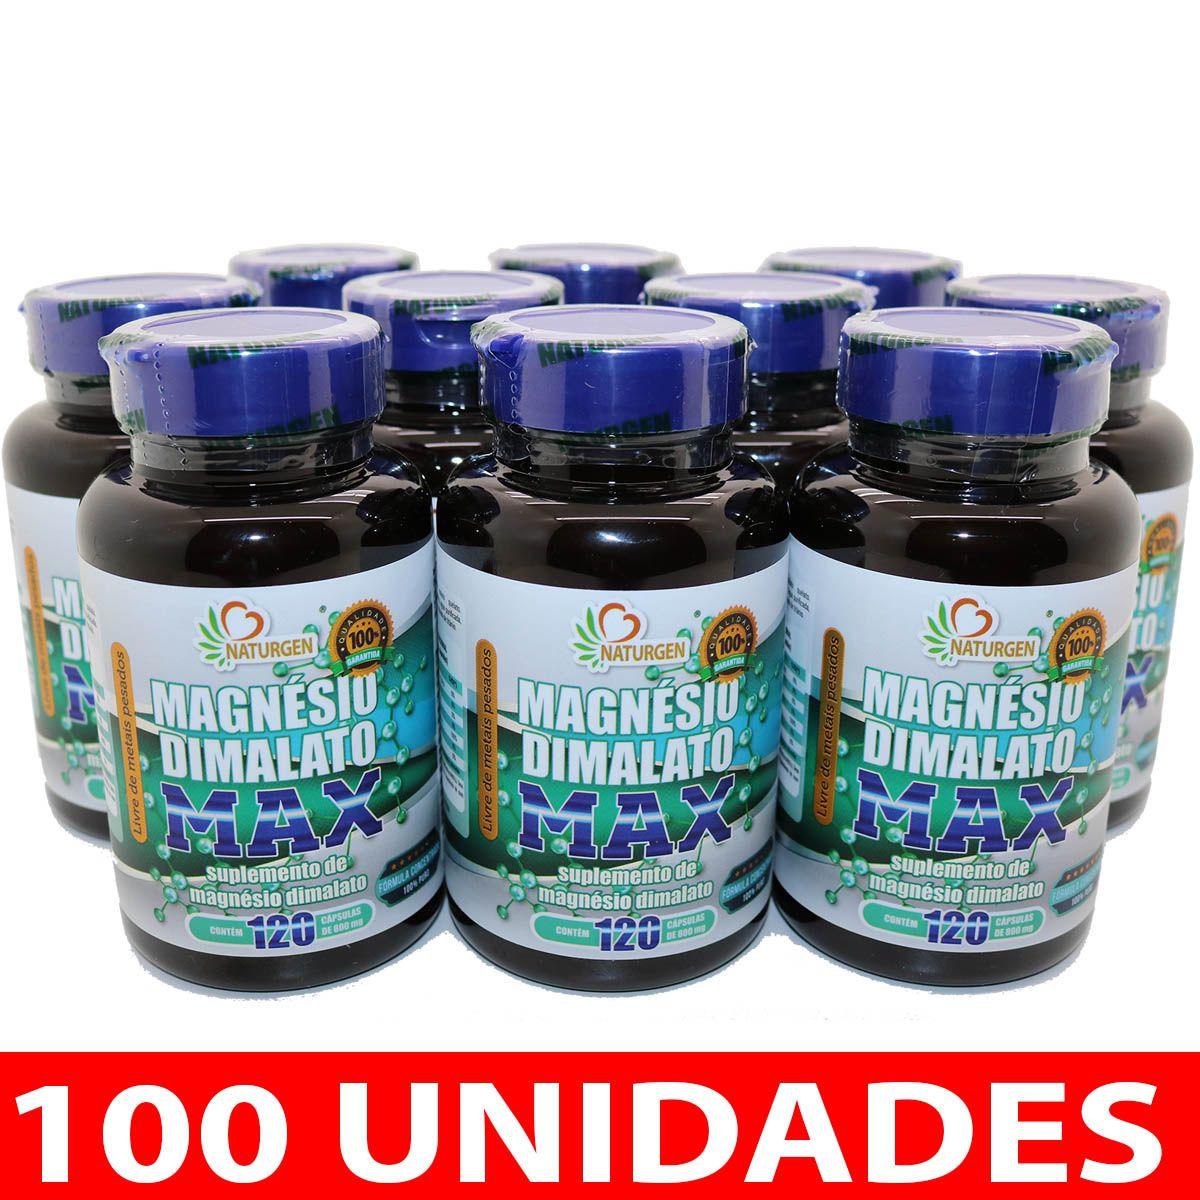 100 MAGNESIO DIMALATO 800MG 120 CAPS  PURO ULTRA CONCENTRADO